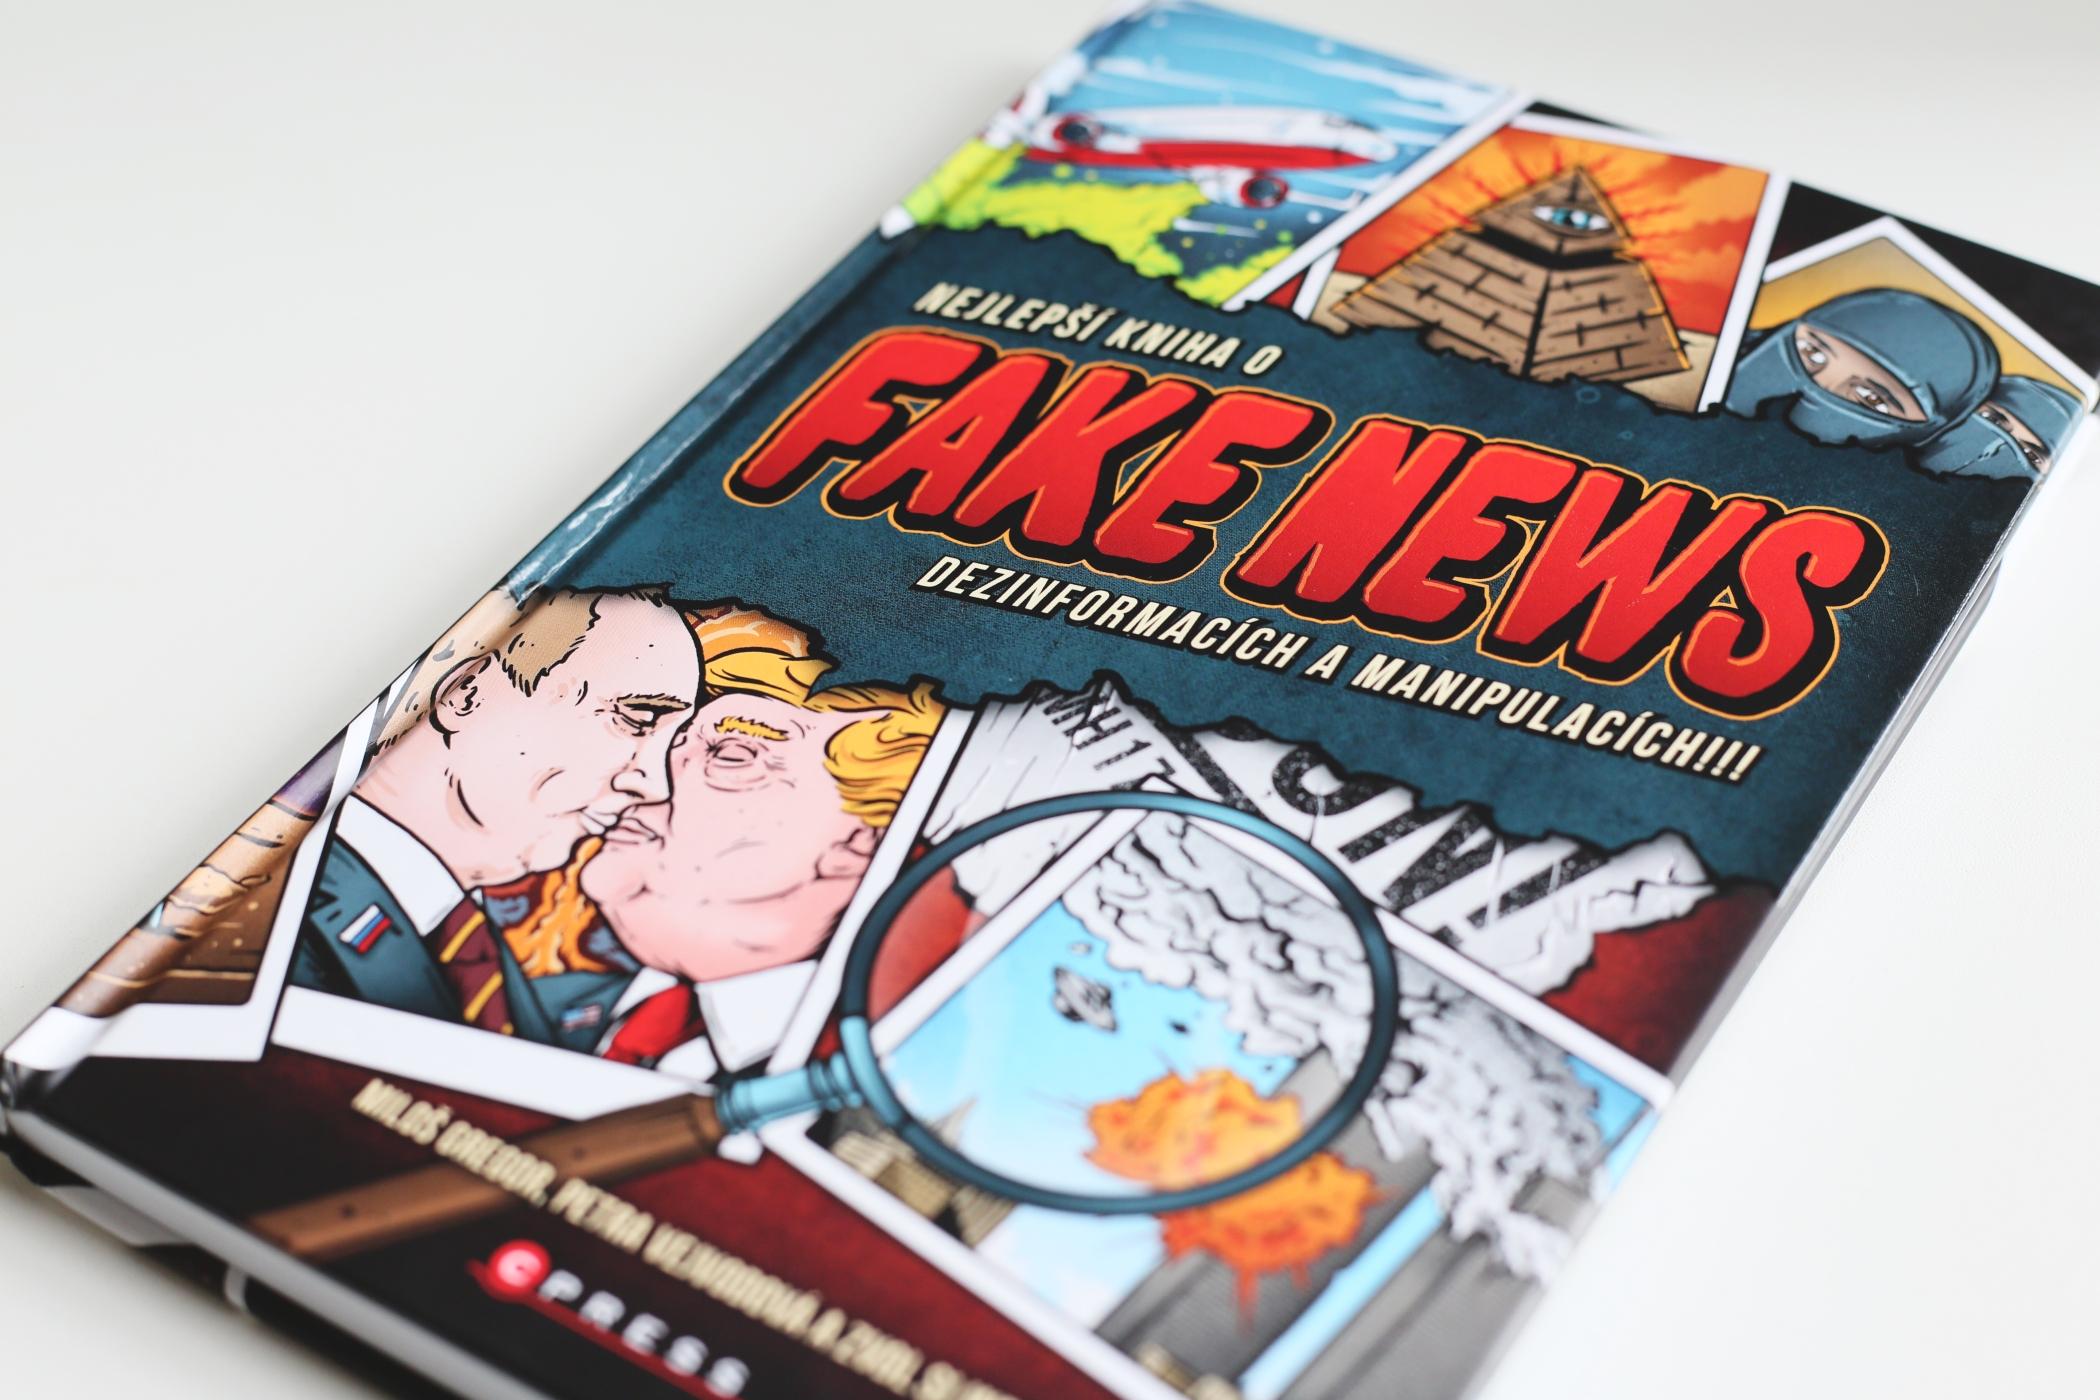 Přebal knihy Nejlepší kniha o fake news dezinformacích a manipulacích!!!